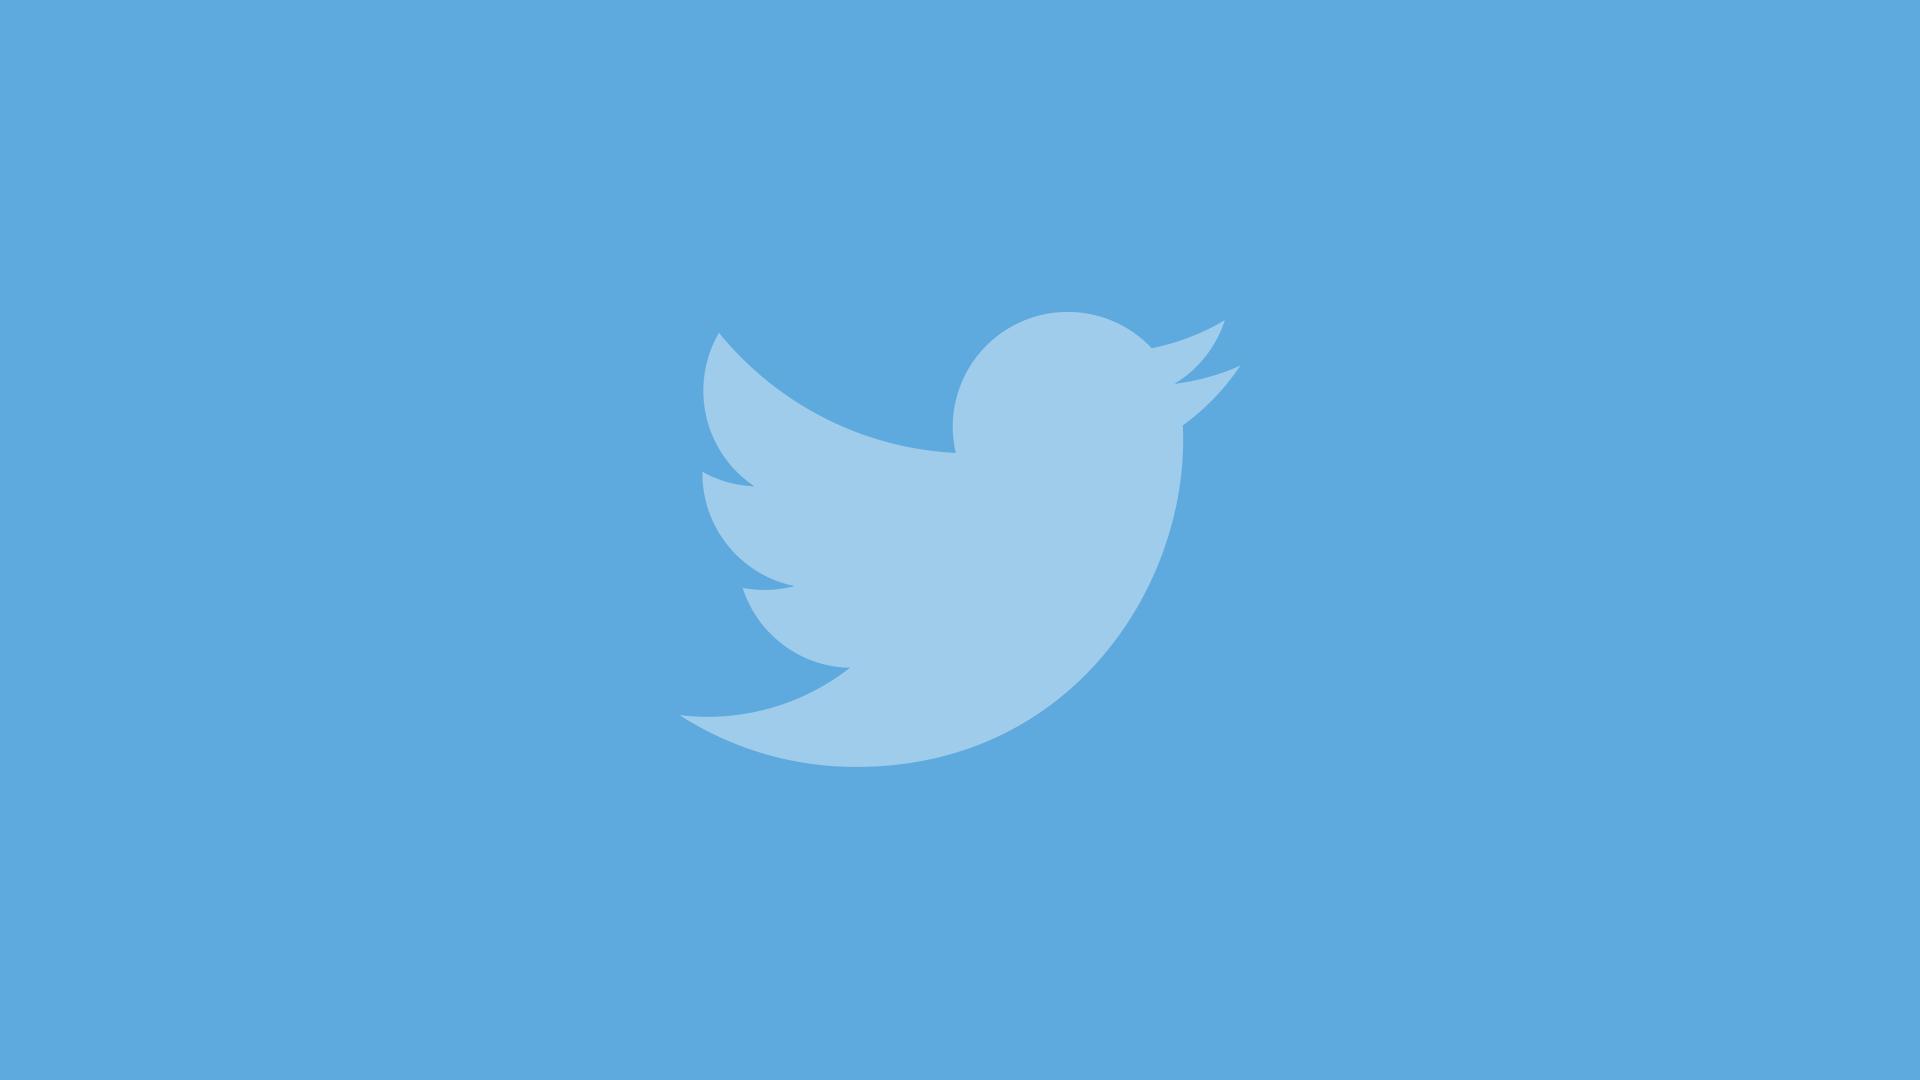 Hvornår er det bedst at tweete? få svaret på hvornår du skal poste på twitter her.